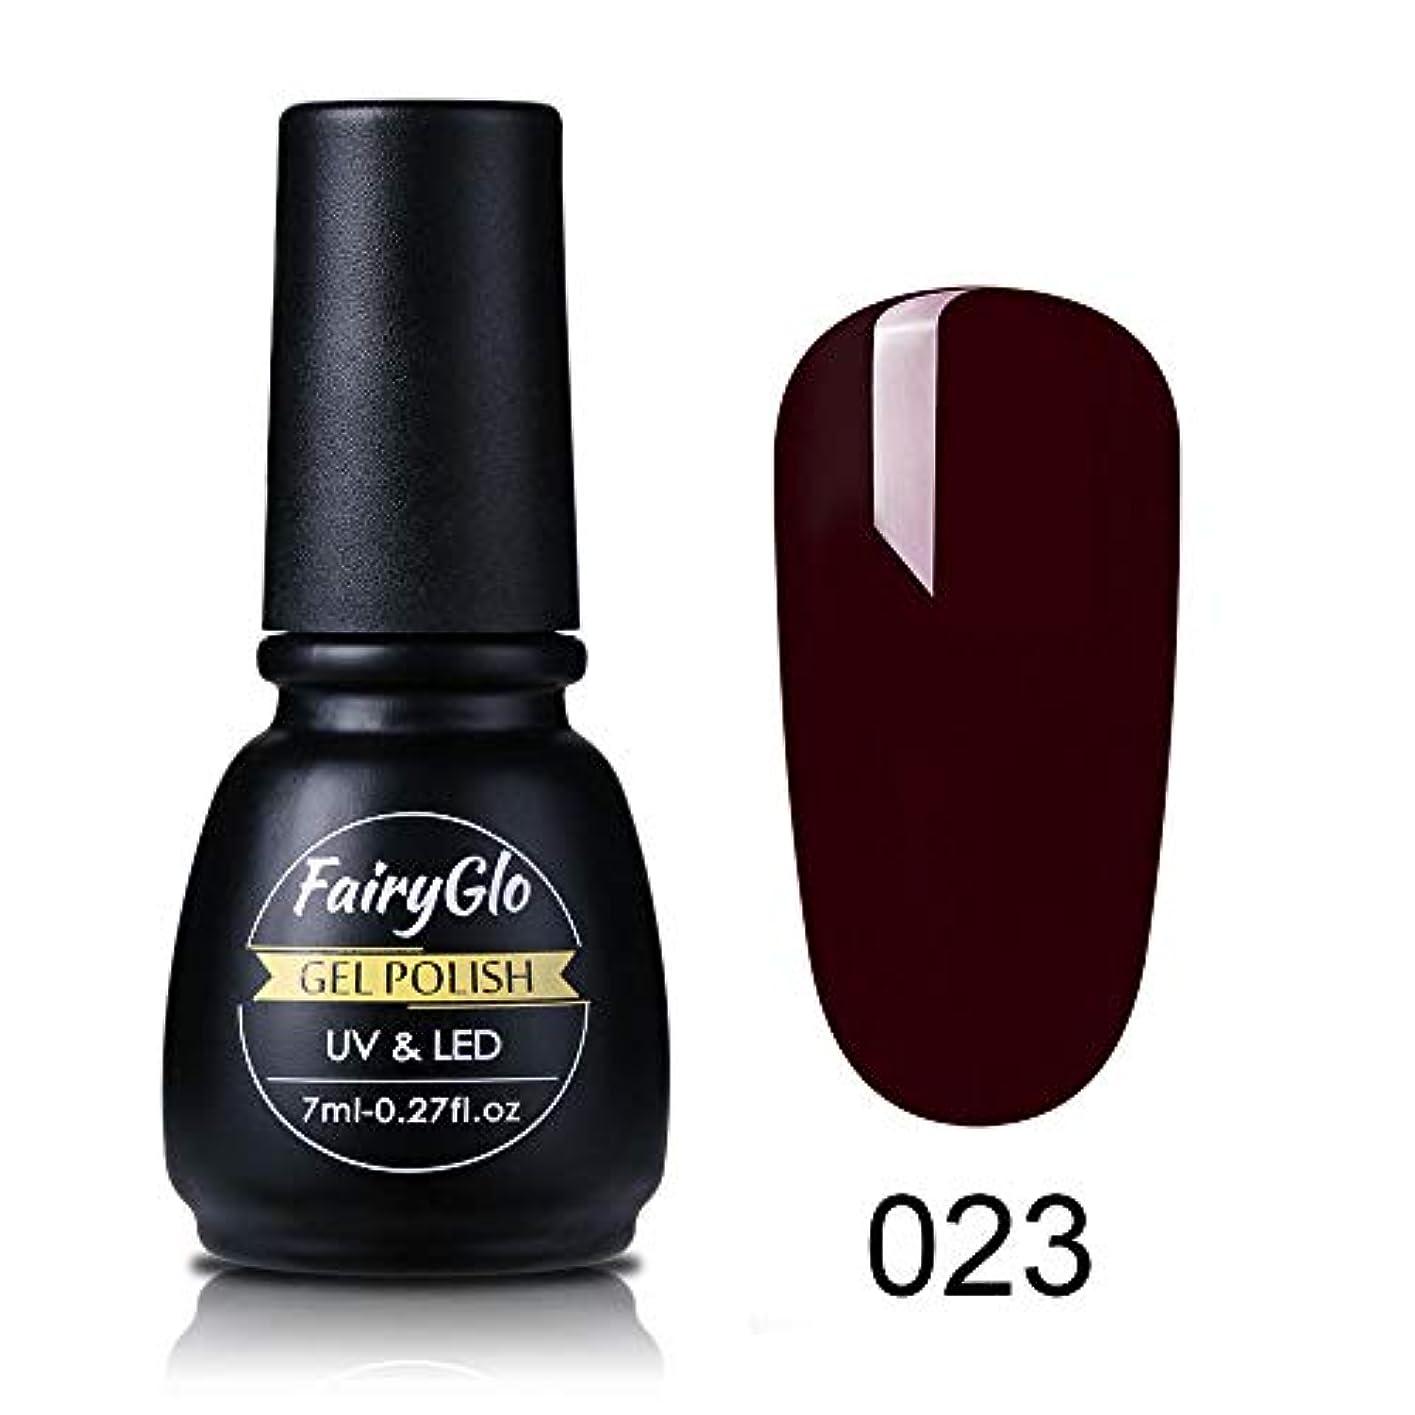 Fairyglo ジェルネイル カラージェル 超長い蓋 塗りが便利 1色入り 7ml 【全42色選択可】